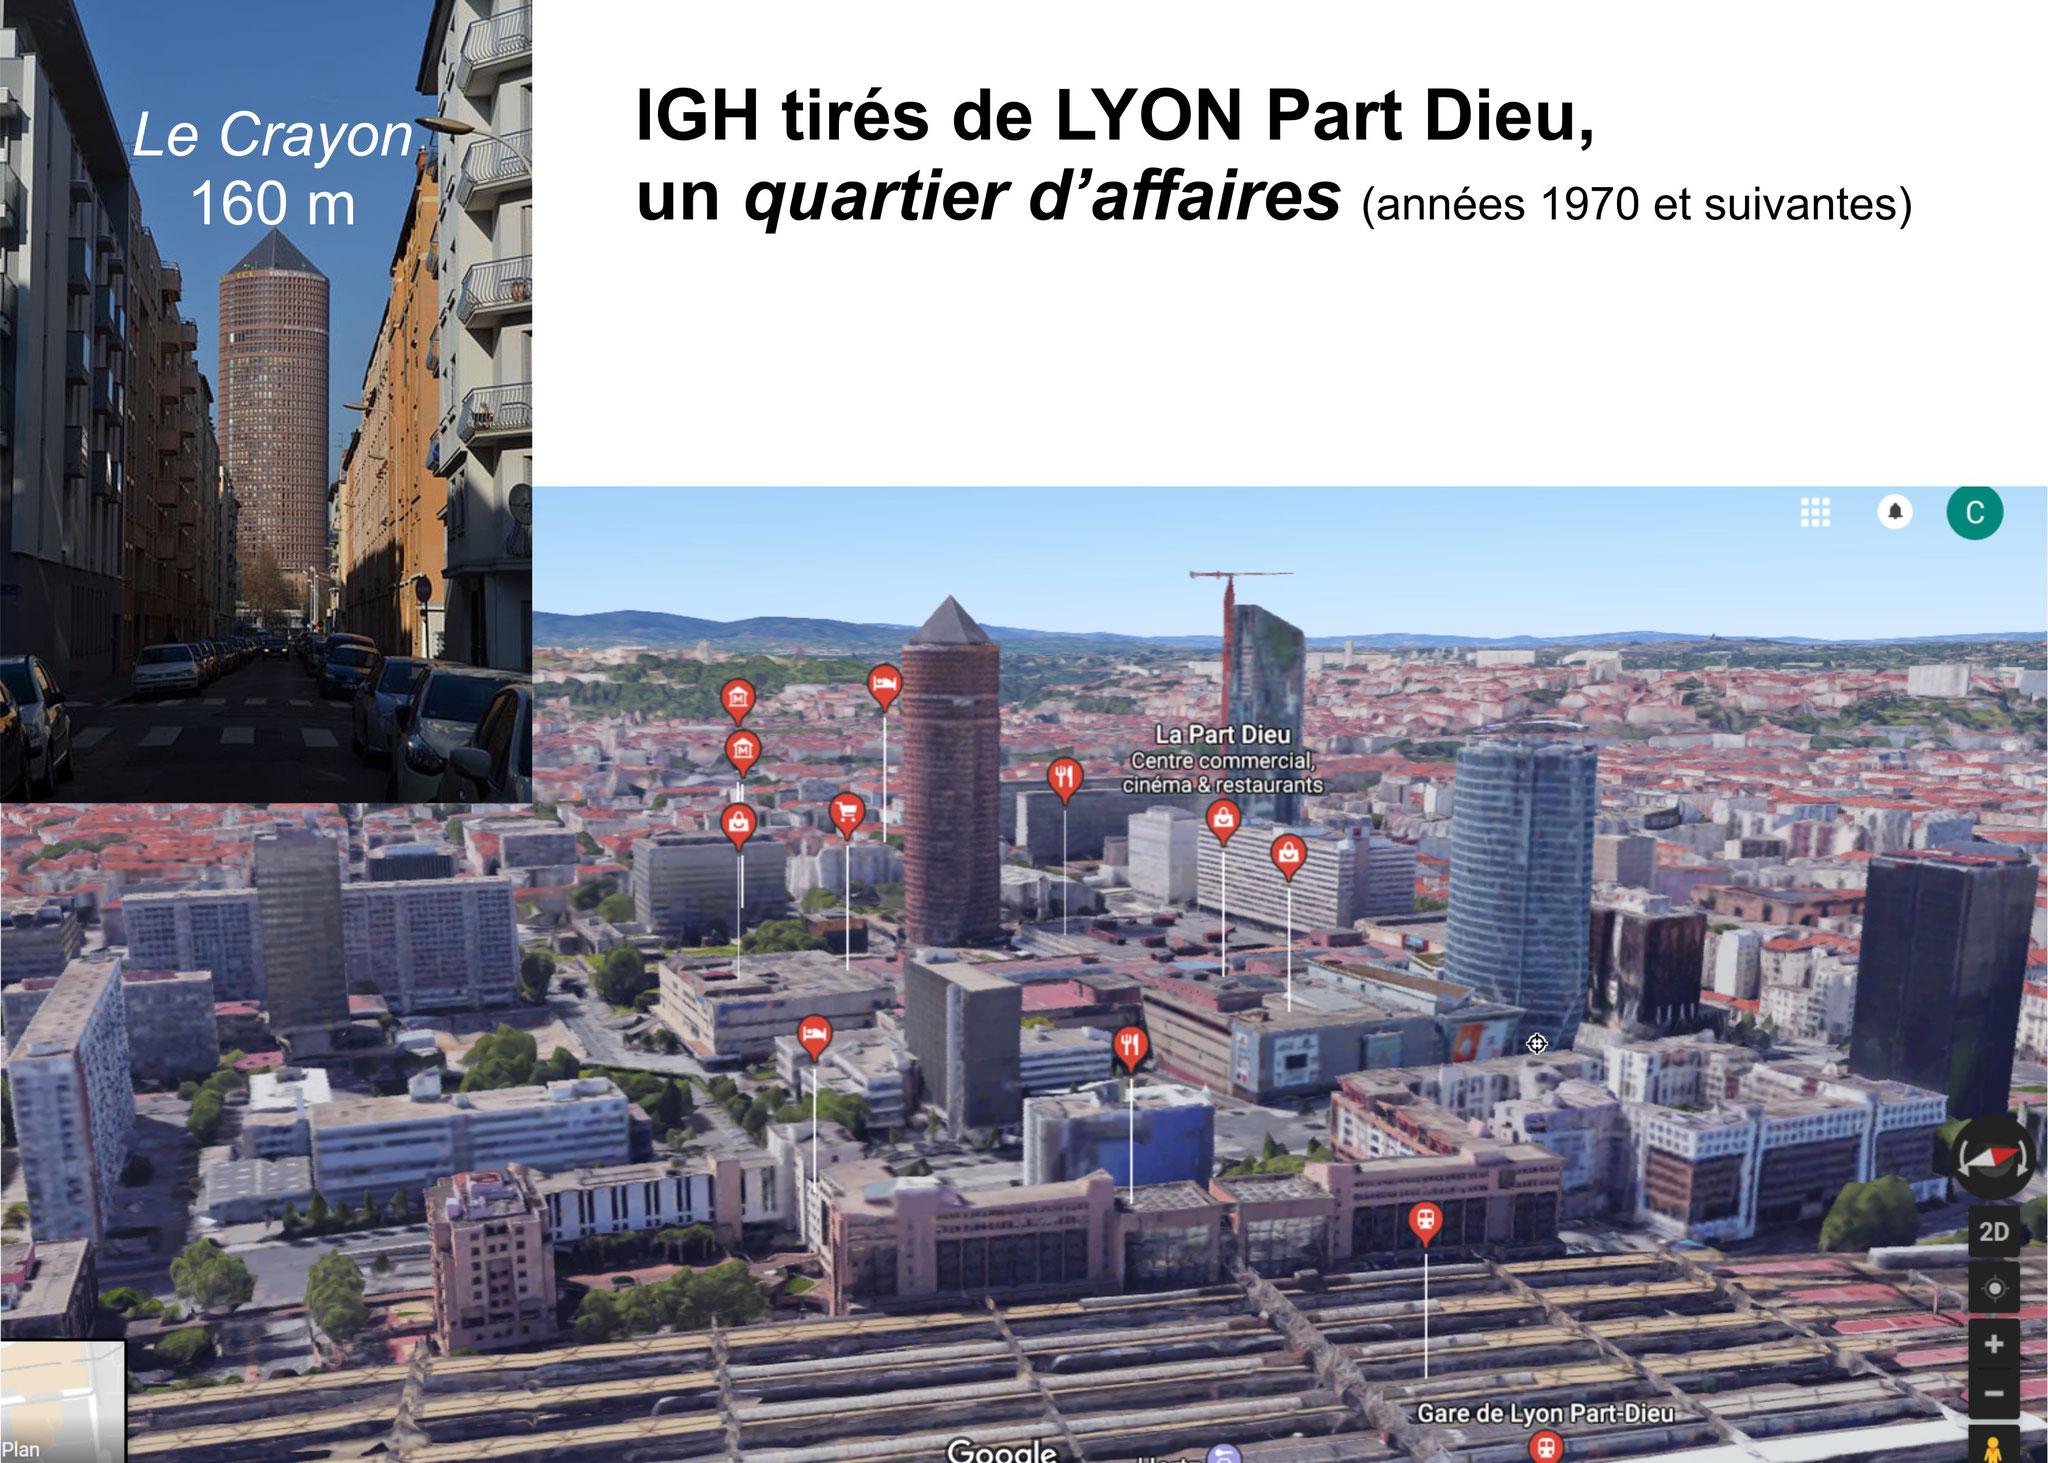 à la manière de Lyon Part-Dieu qui, depuis 1972, n'est pas un modèle d'urbanisme contrairemenet à ce qu'on peut entendre à la Mairie